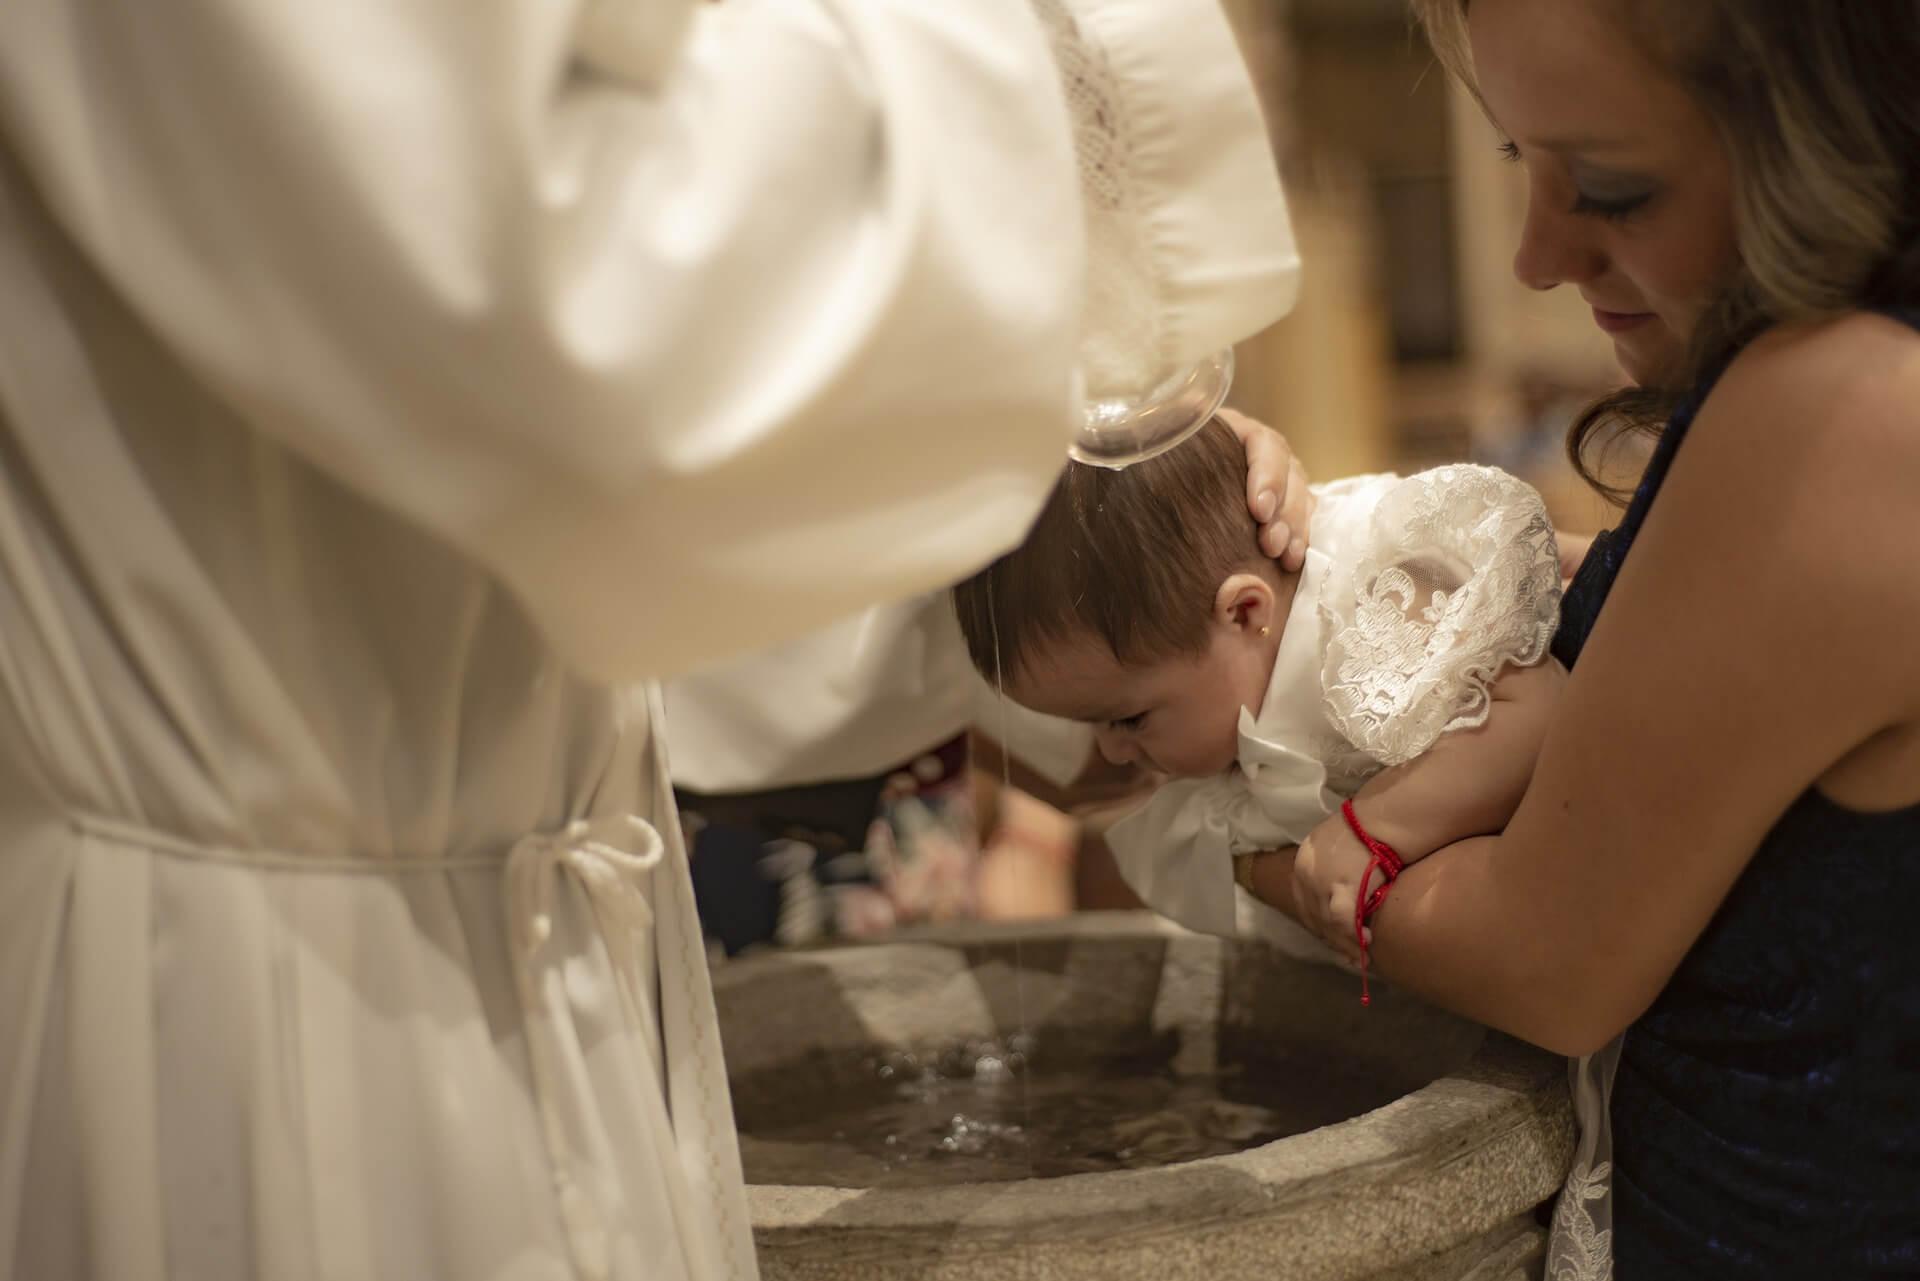 Marraine qui tient le baptisé dans ses bras lors d'un baptême